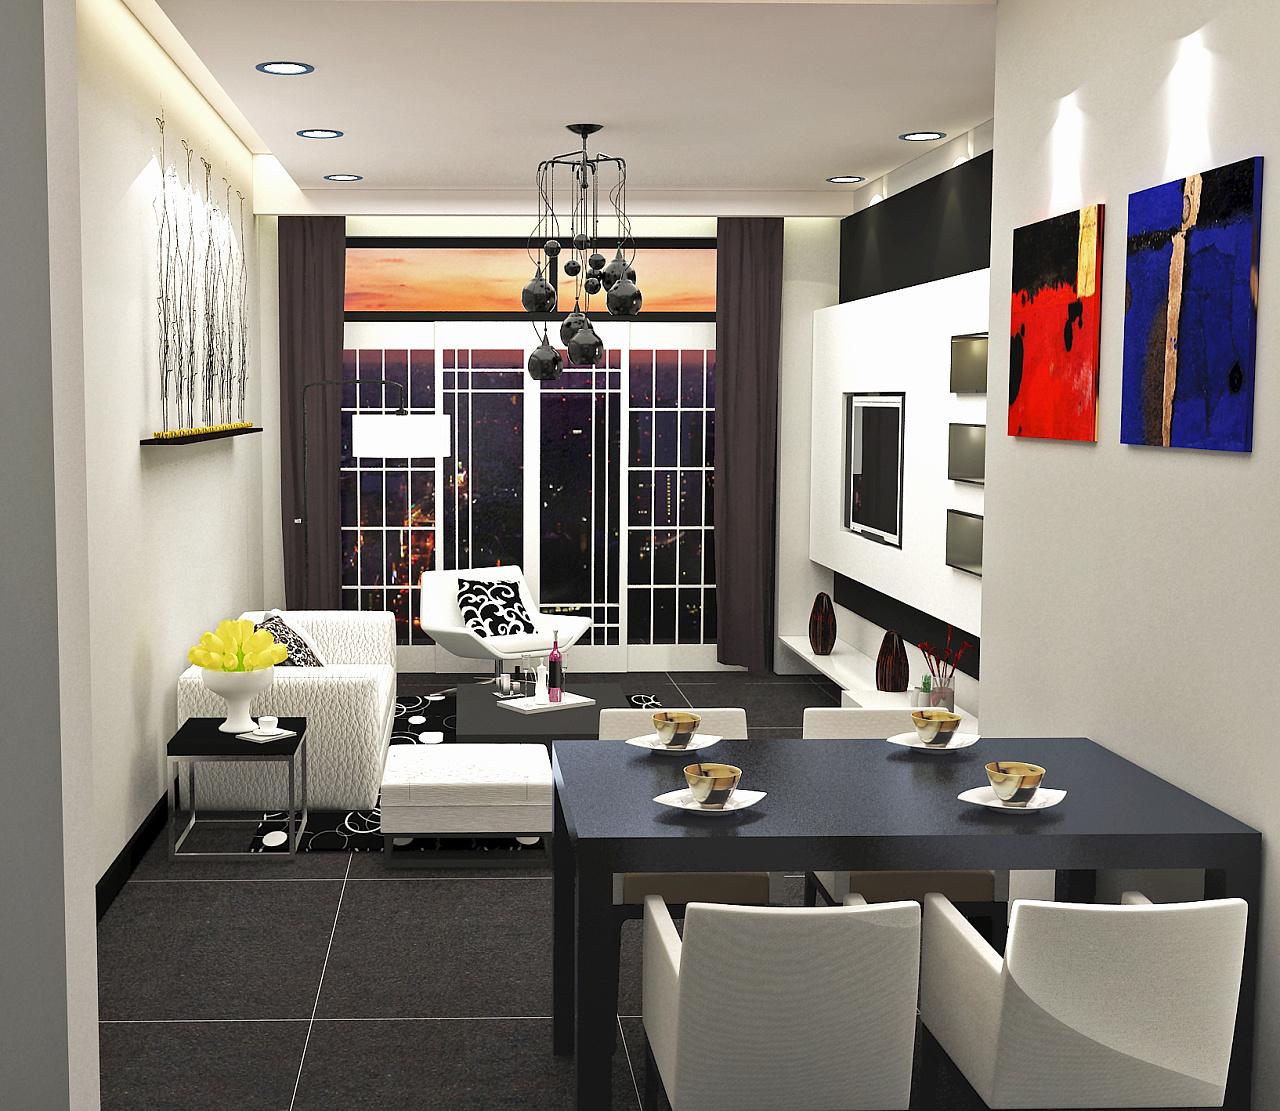 琼海市人民路京博雅苑3室2厅2卫100万元